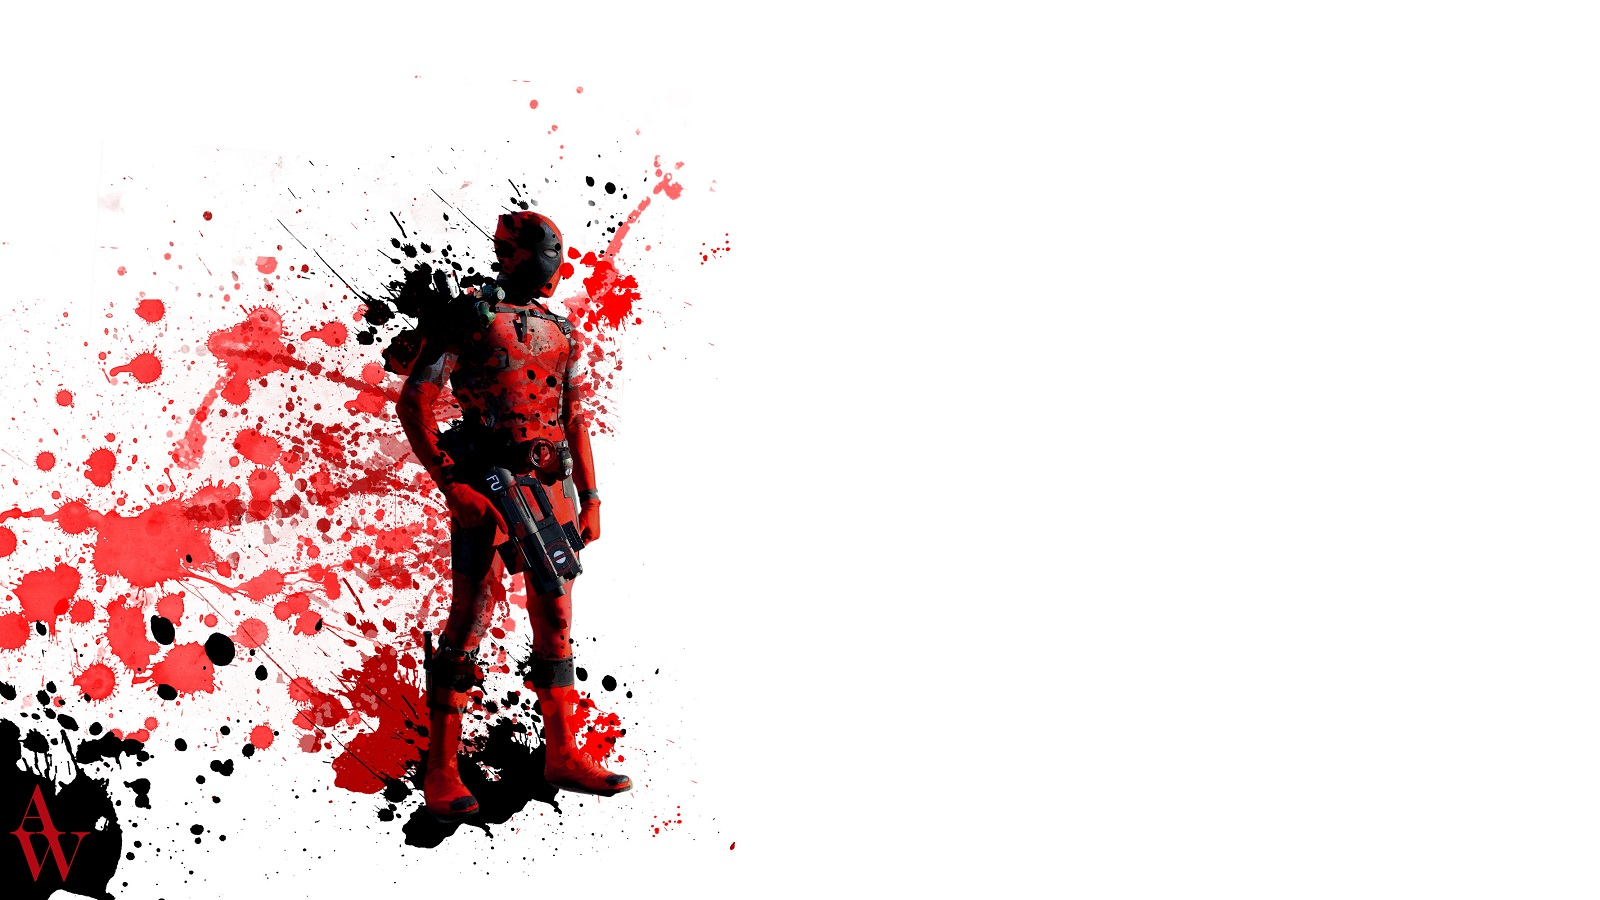 Wallpaper Emo Girl Style Deadpool Wallpaper Hd Free Download Pixelstalk Net